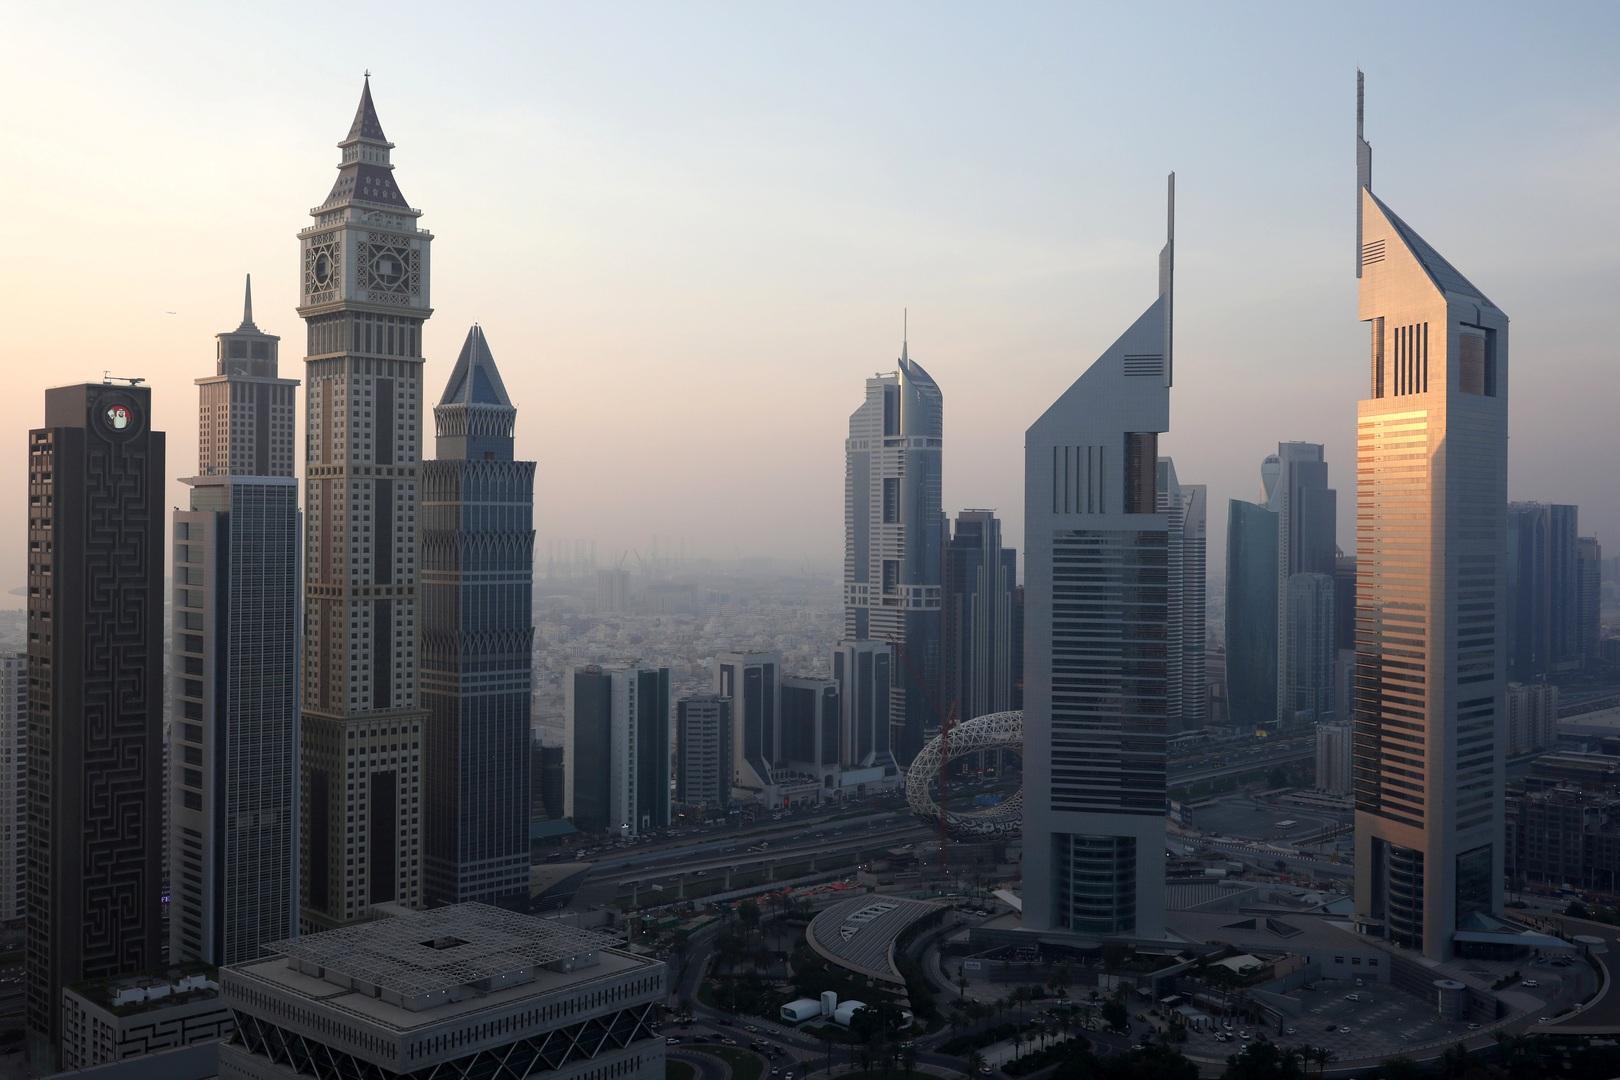 دولة عربية تنافس دبي على مكانتها في احتضان الشركات الناشئة